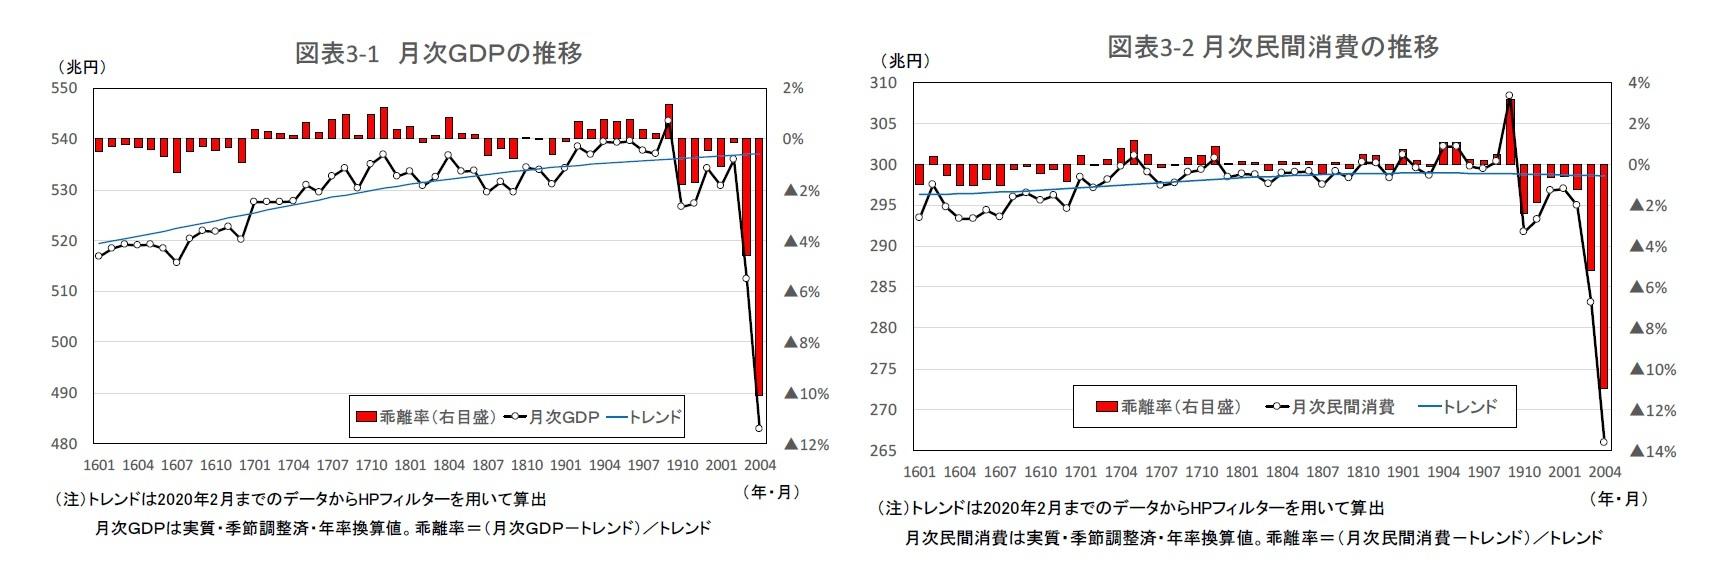 図表3-1 月次GDPの推移/図表3-2 月次民間消費の推移